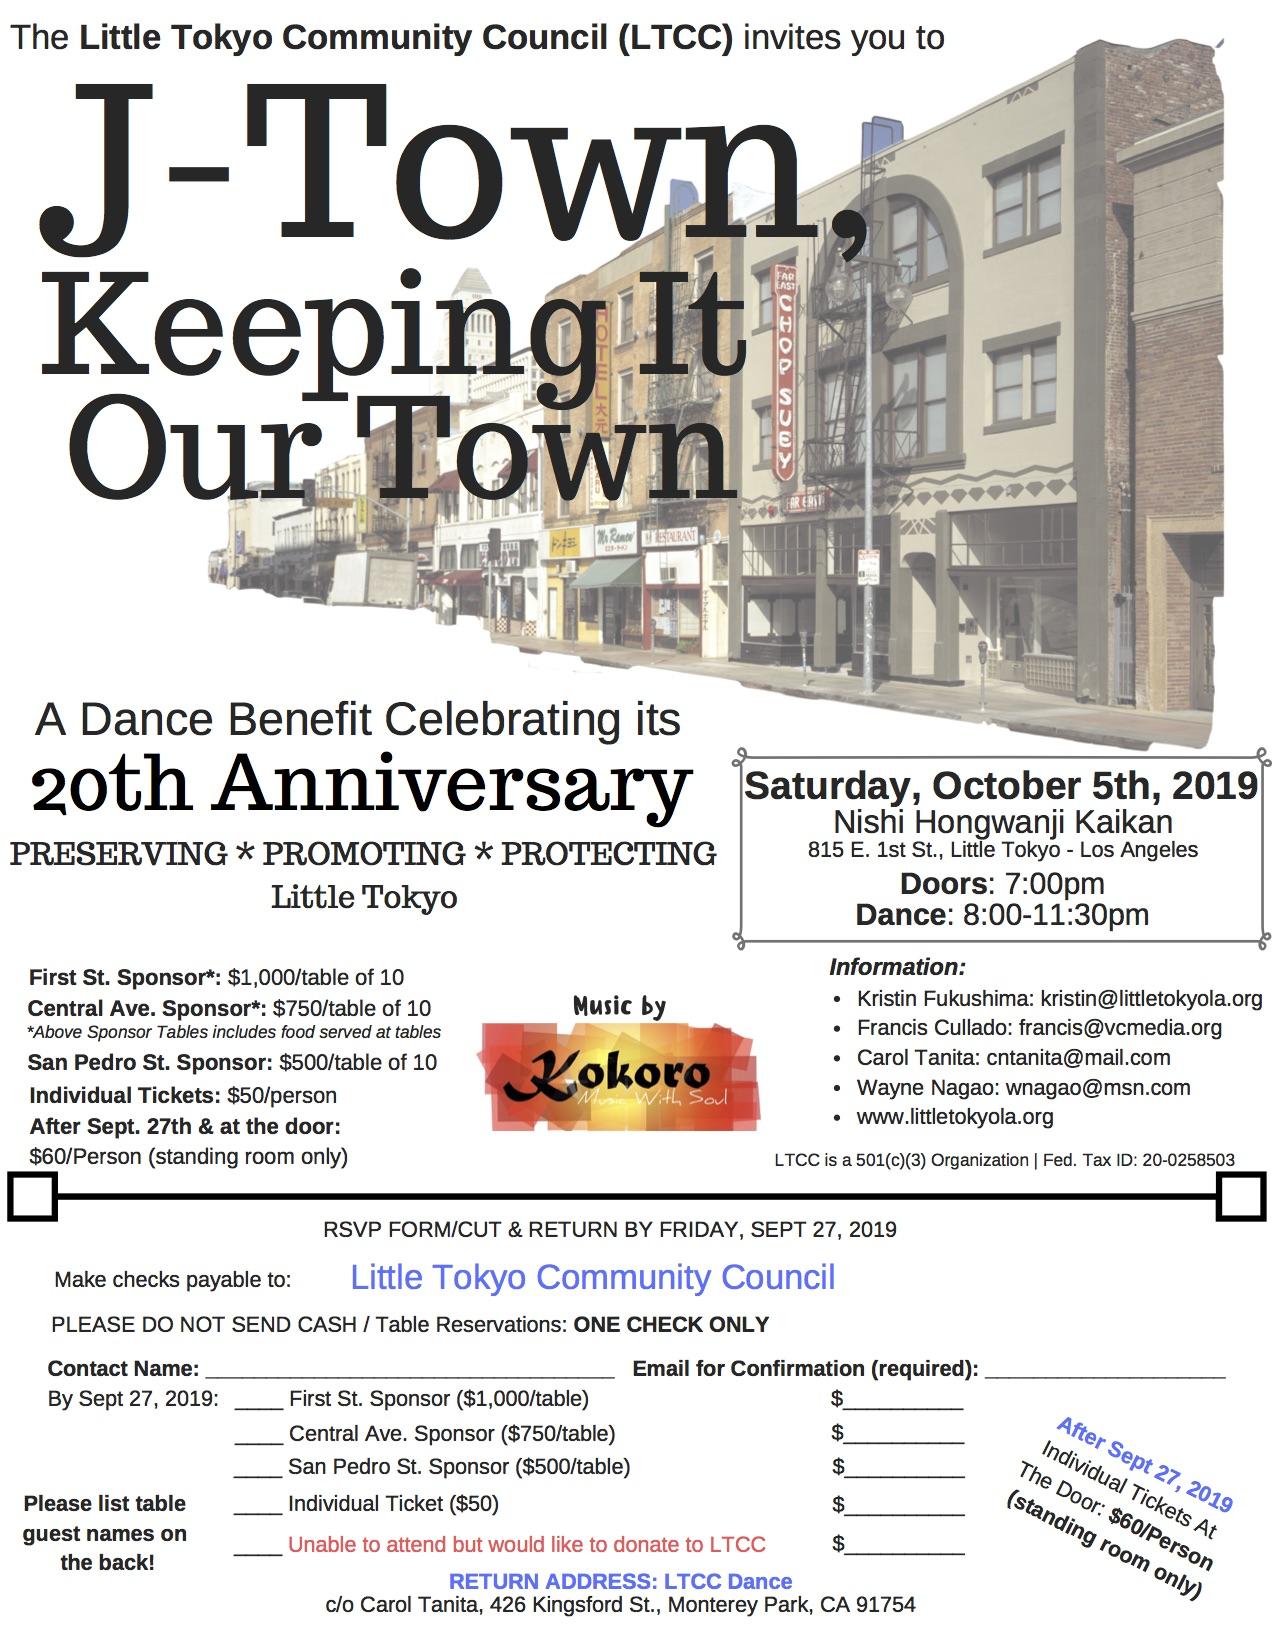 2019 LTCC Dance Flyer v6 080119 FINAL jpg.jpg